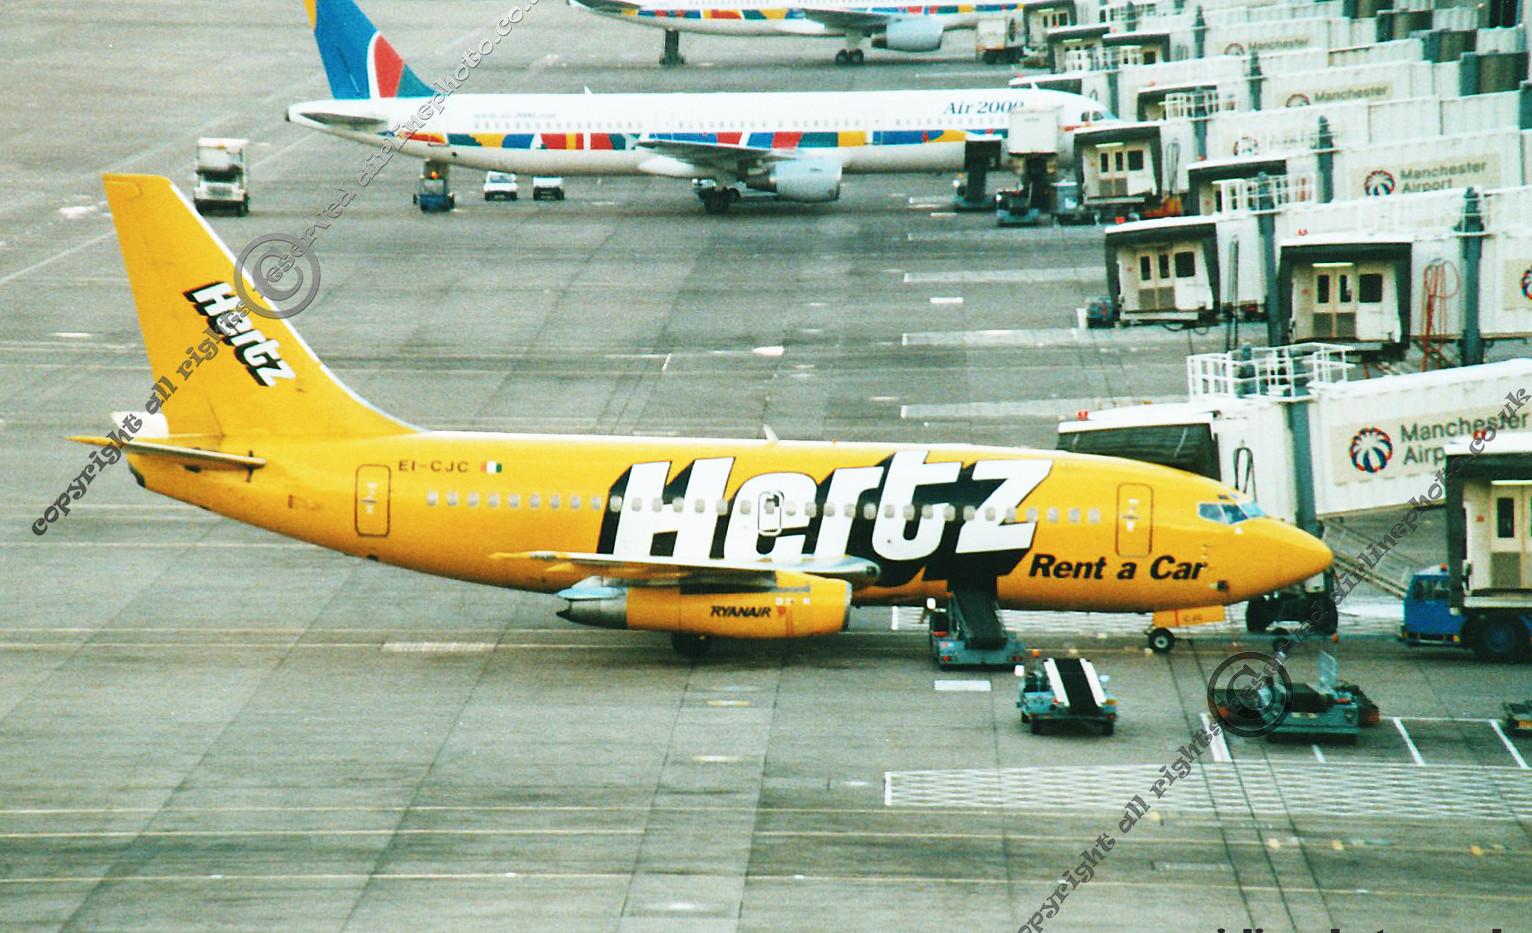 EI-CJC-Ryanair-737-MAN-2000.jpg